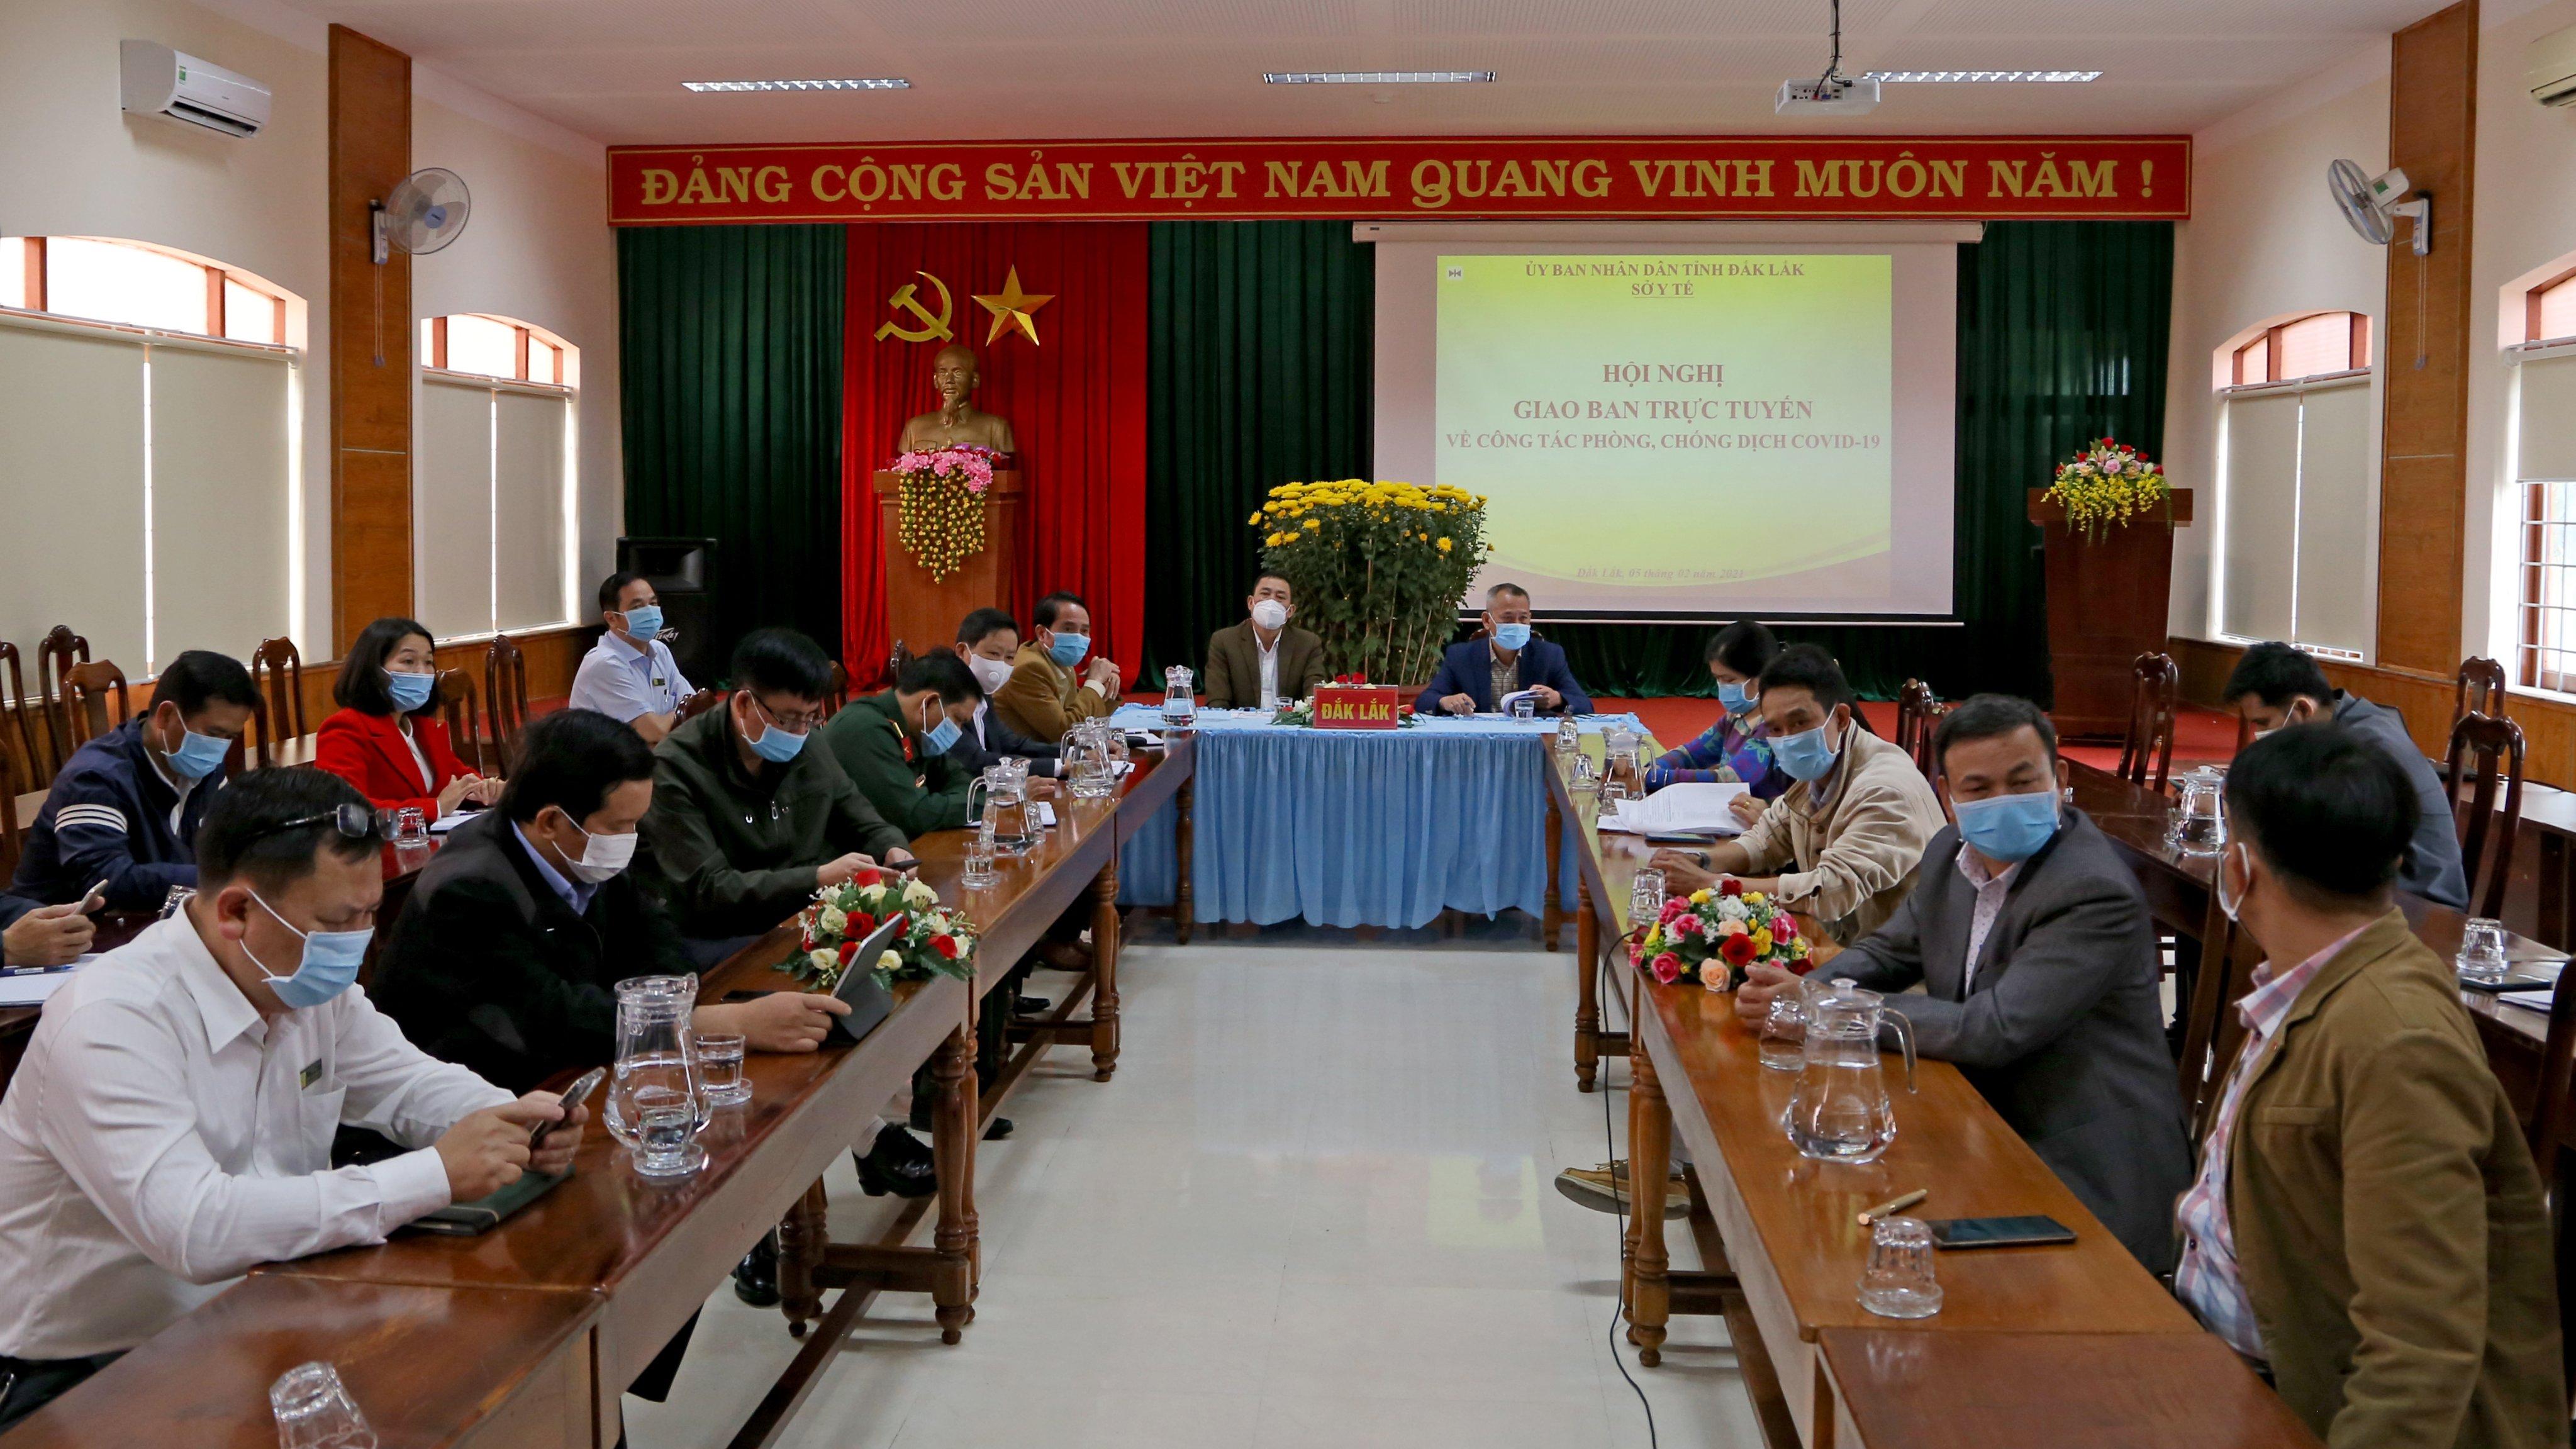 Bộ Y tế giao ban công tác phòng, chống dịch Covid-19 với các địa phương